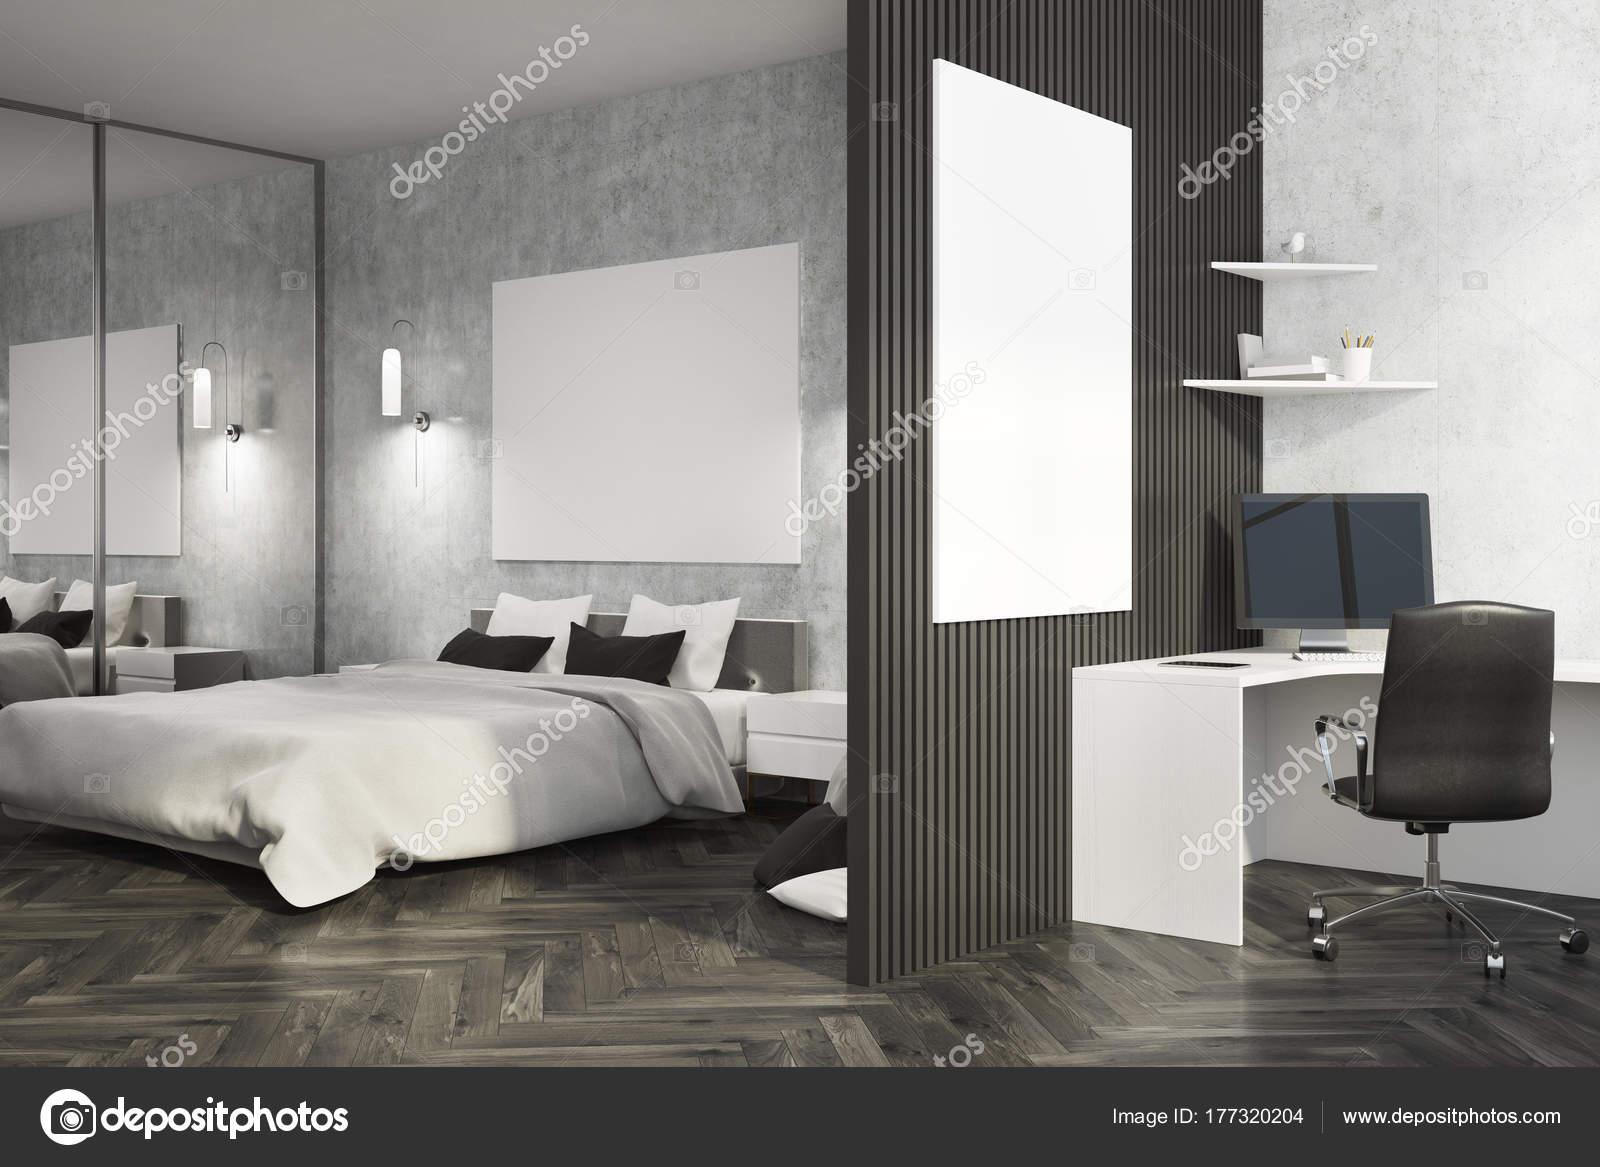 Slaapkamer Donkere Vloer : Gallery of slaapkamer donkere vloer woonkamer vloer ideeen